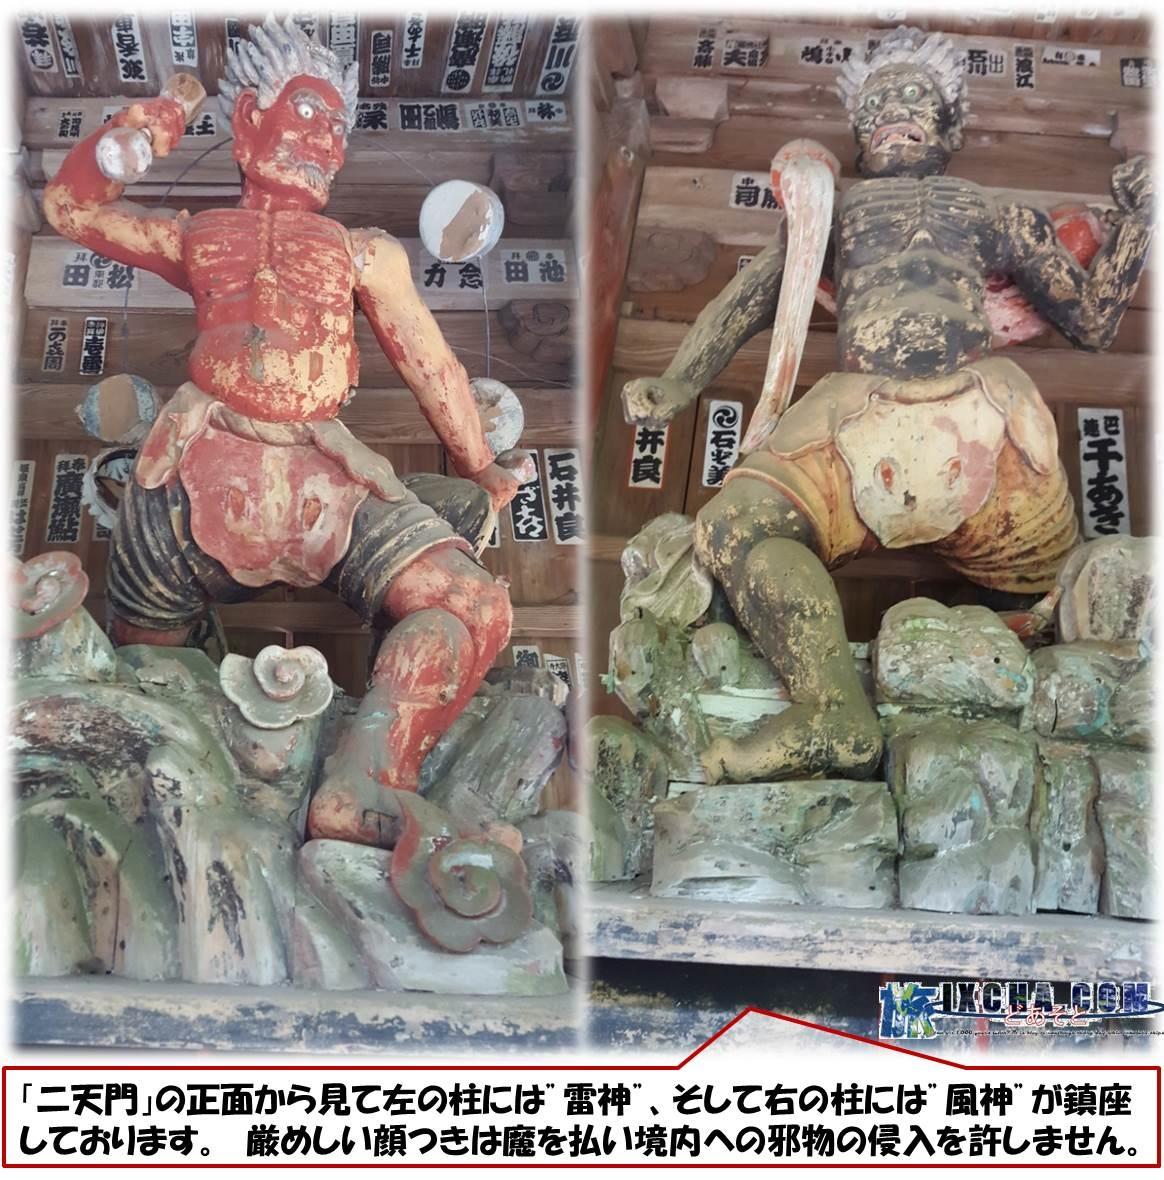 """二天門」の正面から見て左の柱には""""雷神""""、そして右の柱には""""風神""""が鎮座しております。 厳めしい顔つきは魔を払い境内への邪物の侵入を許しません。"""